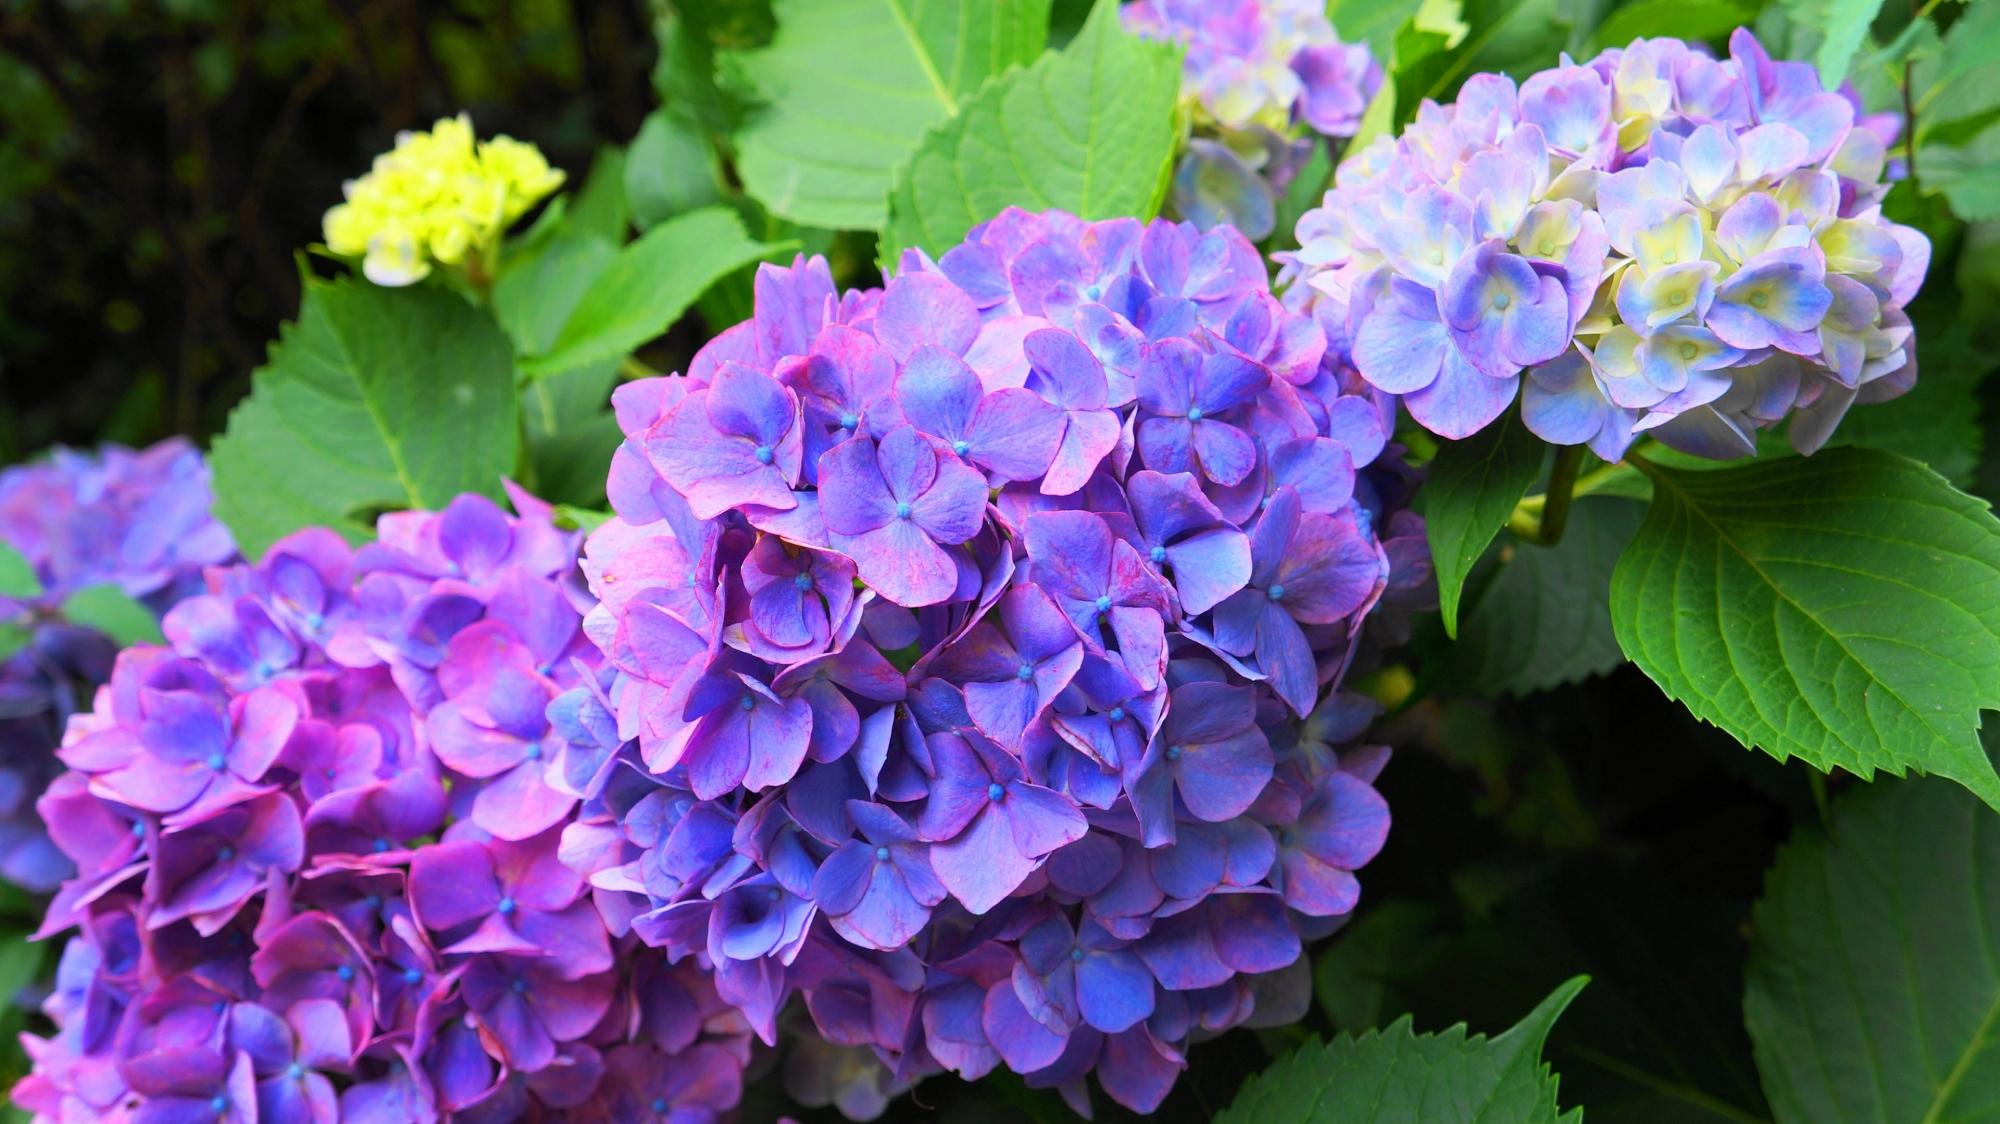 同じ紫でも色合いや色の強弱が花ごとに違うアジサイ